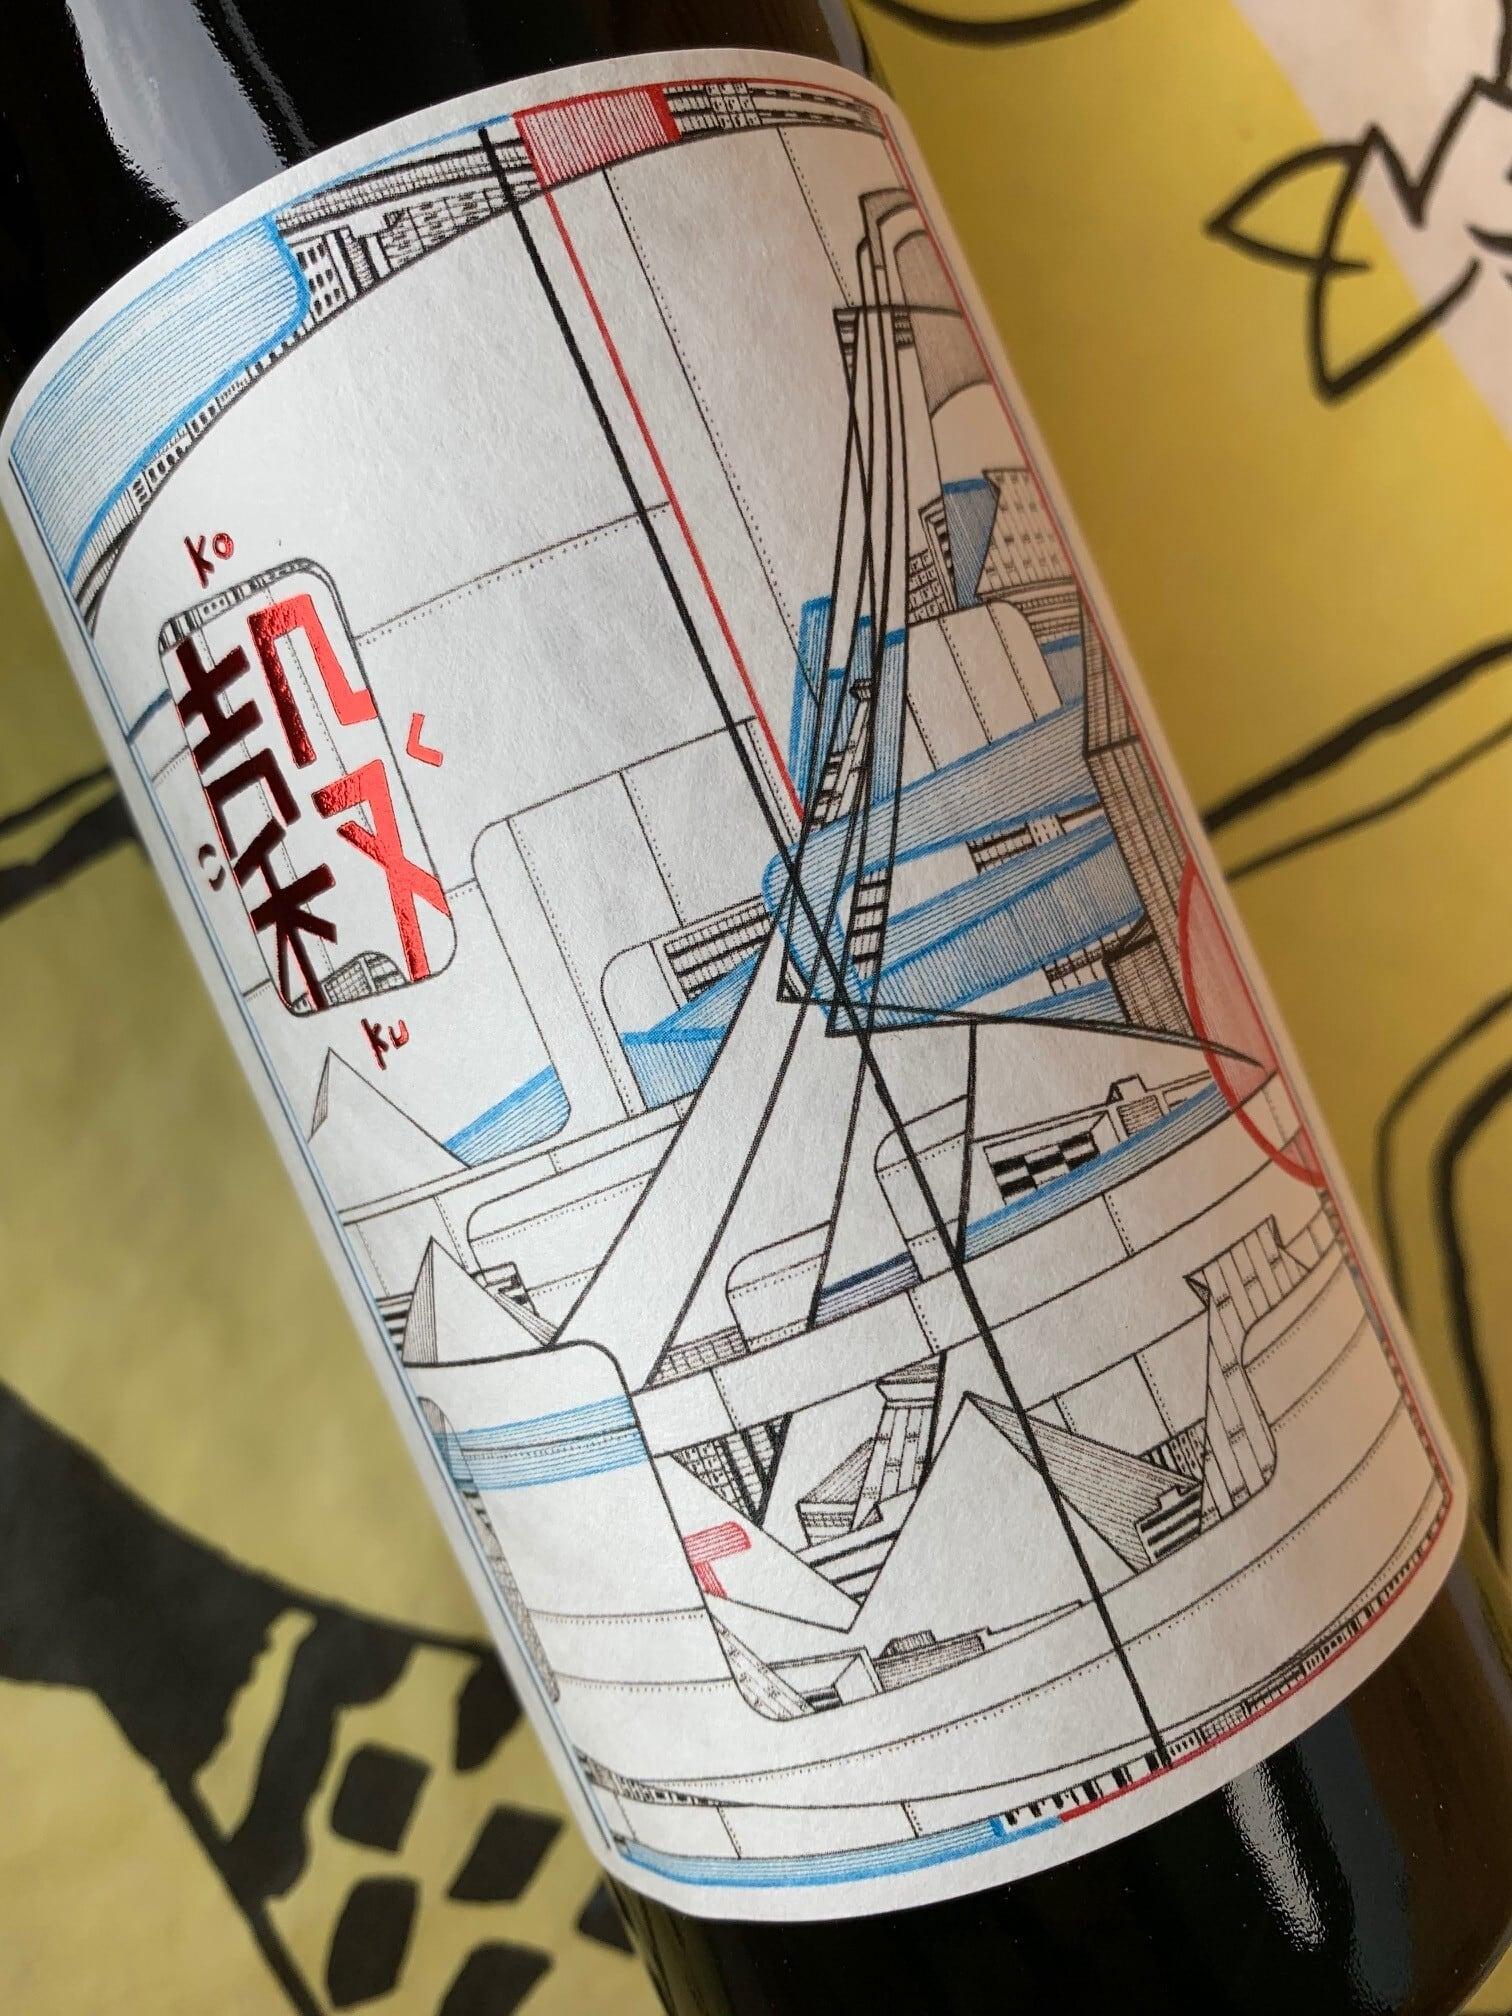 穀(KOKU)白 2019 98ワインズ 白ワイン